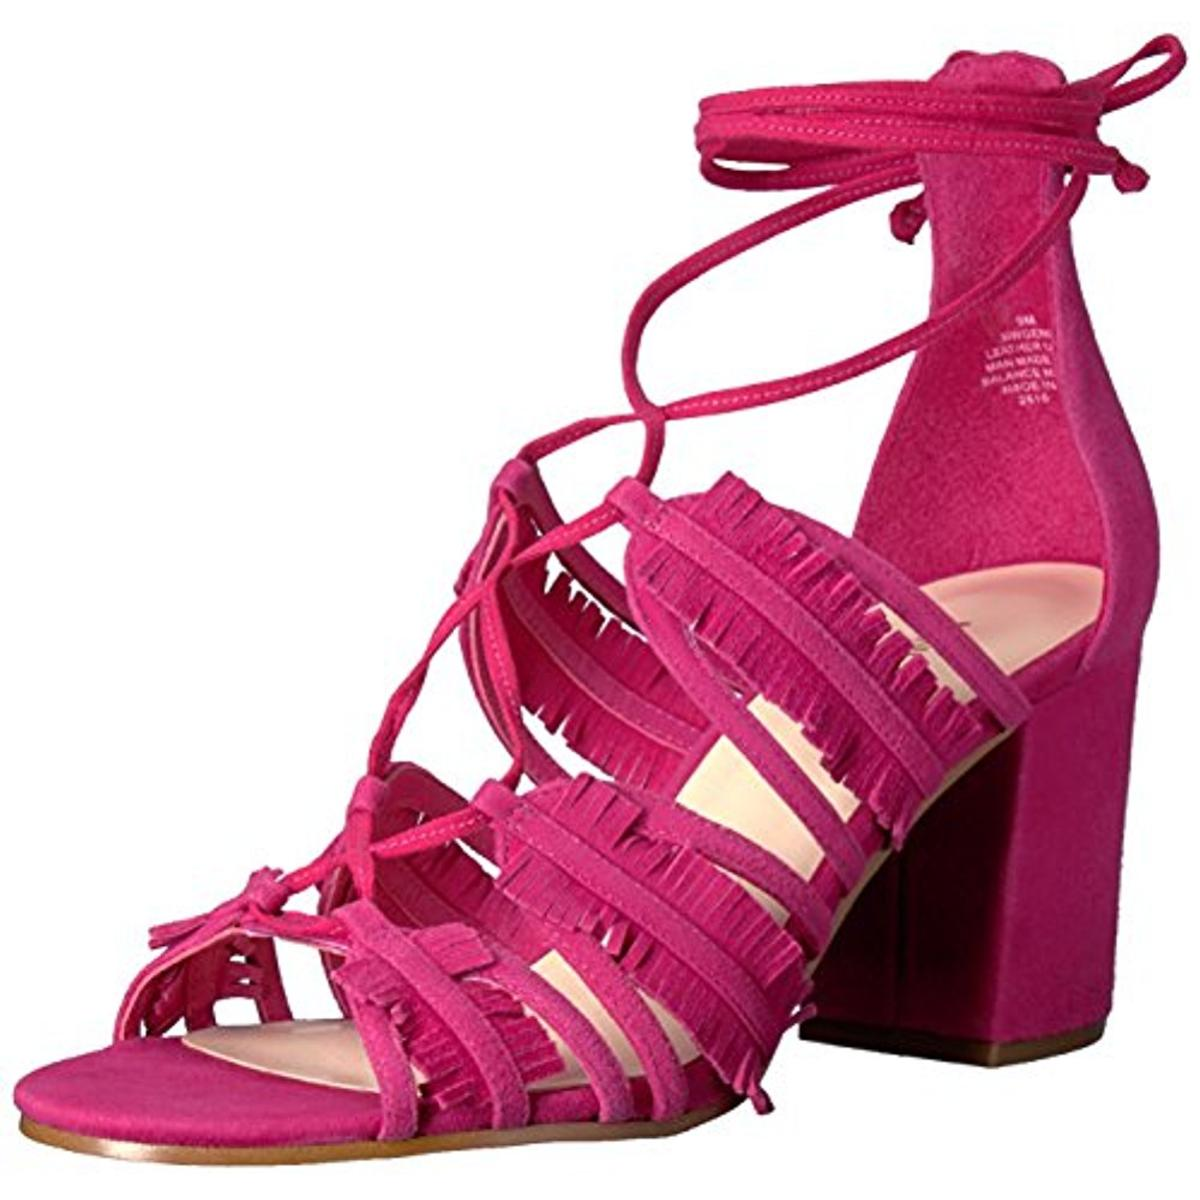 Nine West Damenschuhe Genie Pink Suede Dress Sandales Schuhes 9 Medium (b M